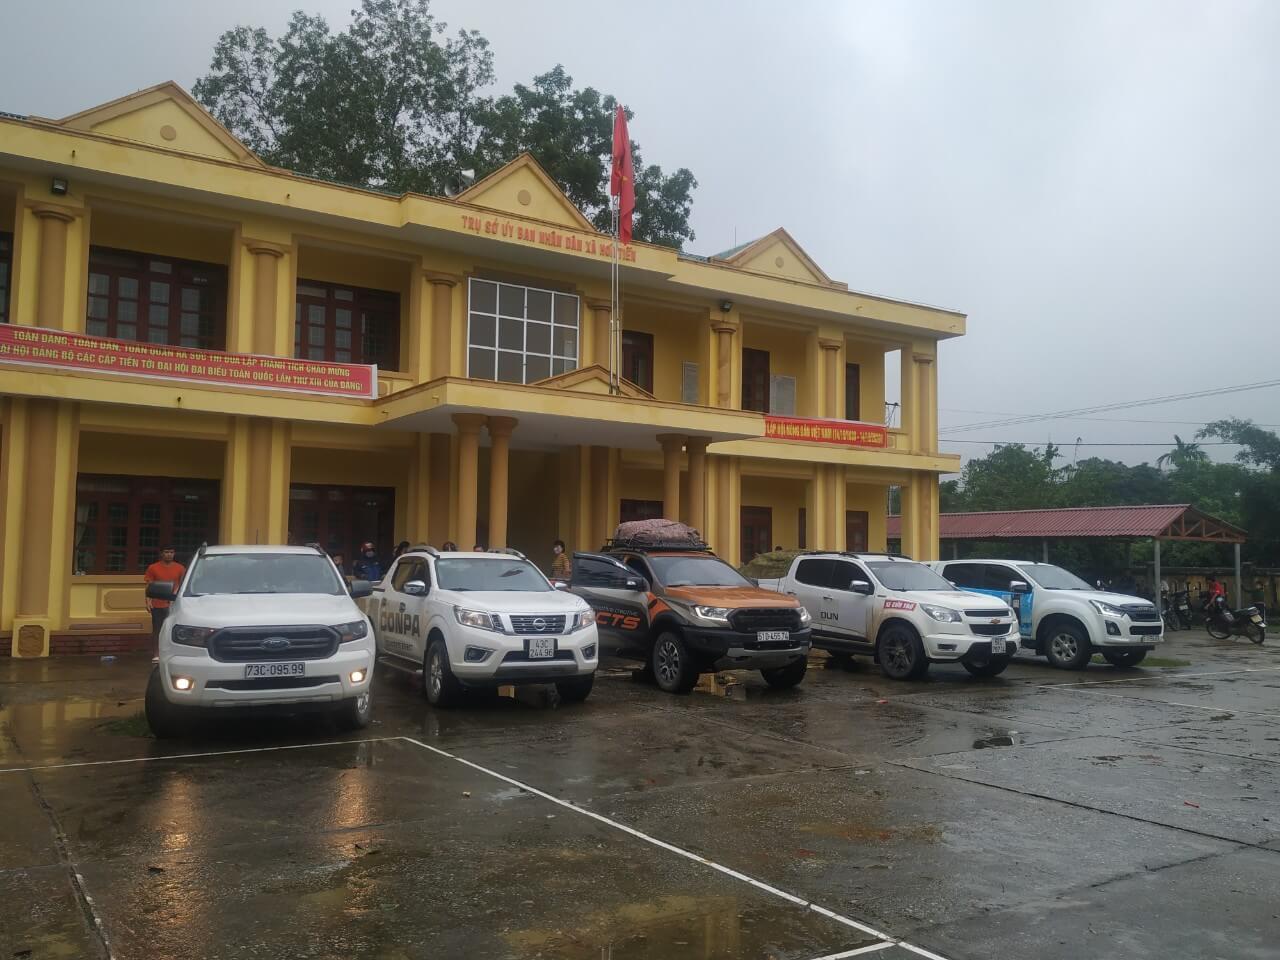 xe tập kết cứu trợ miền trung lụt bão